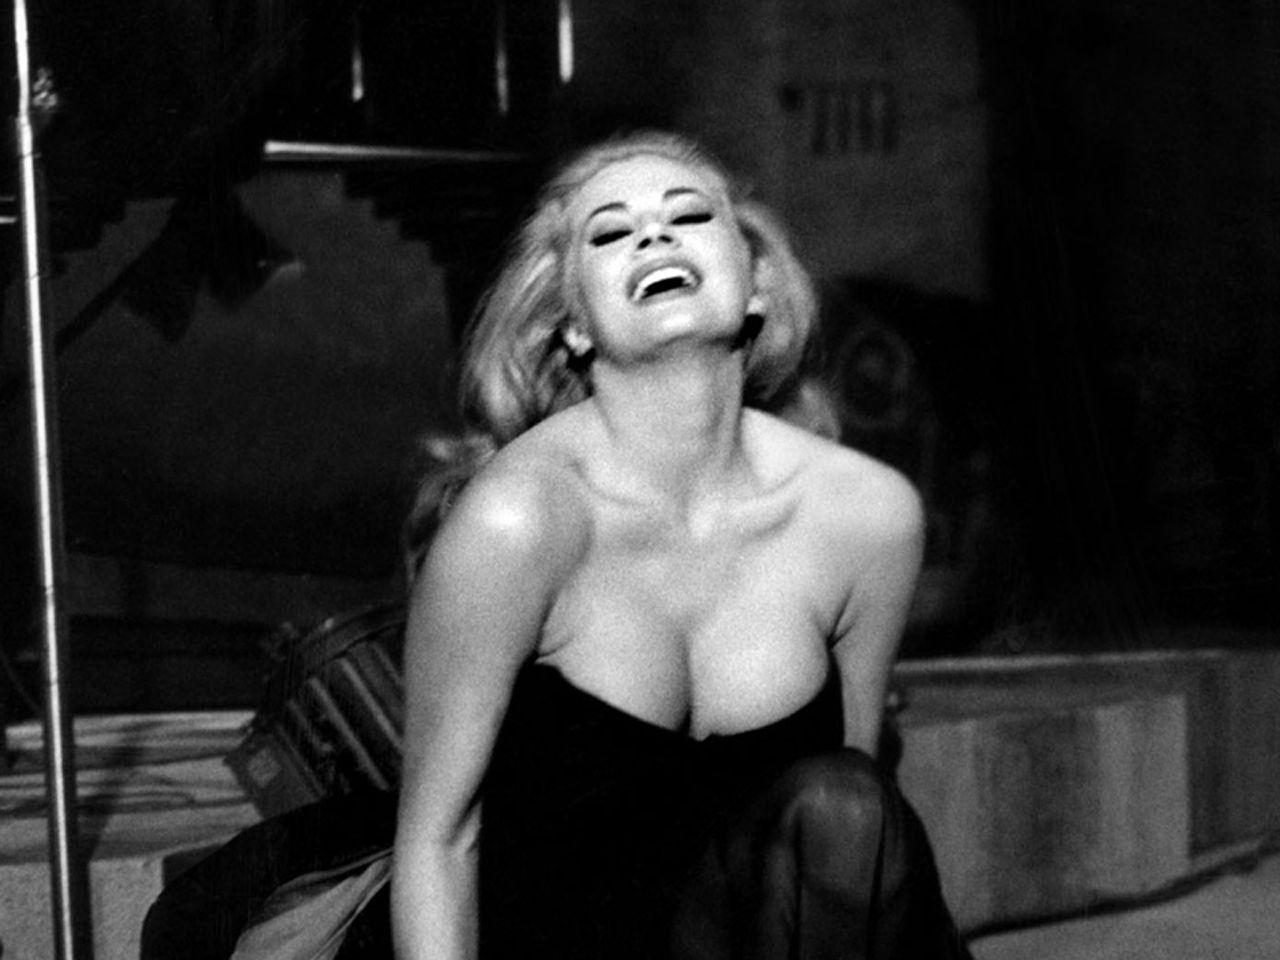 Ricette di pasta al posto dei testi: la stravaganza di Federico Fellini